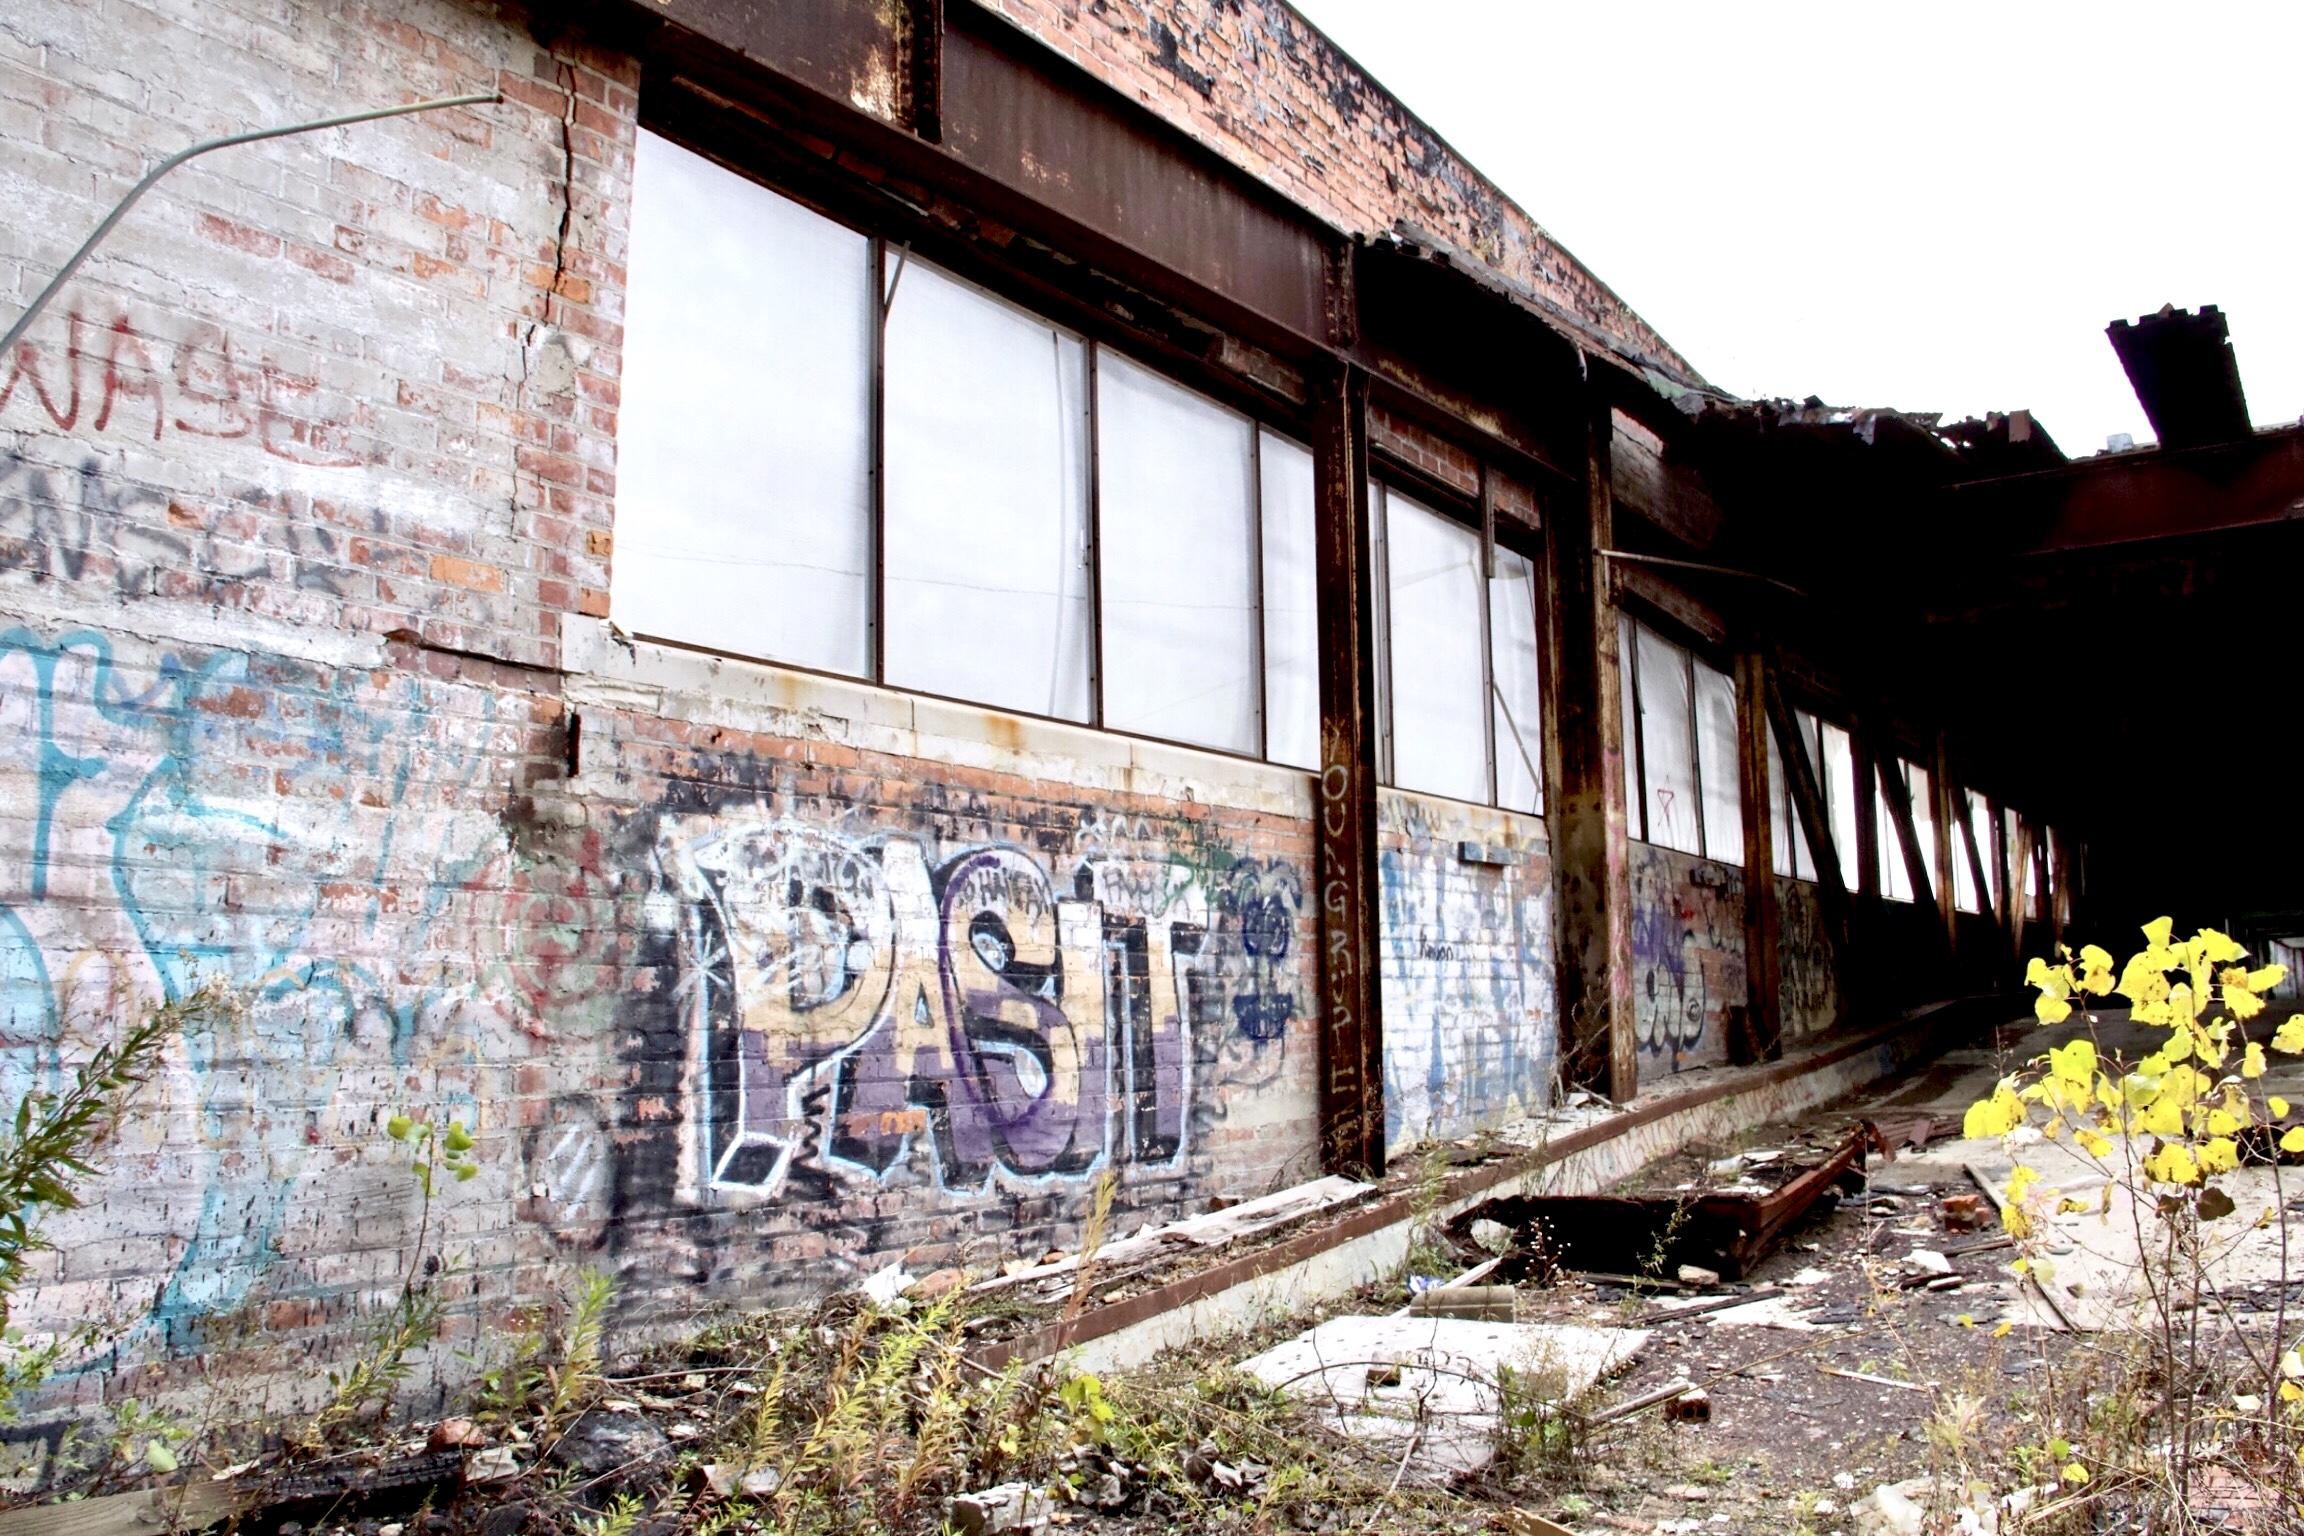 a ext 6 - Les aventuriers de l'usine perdue